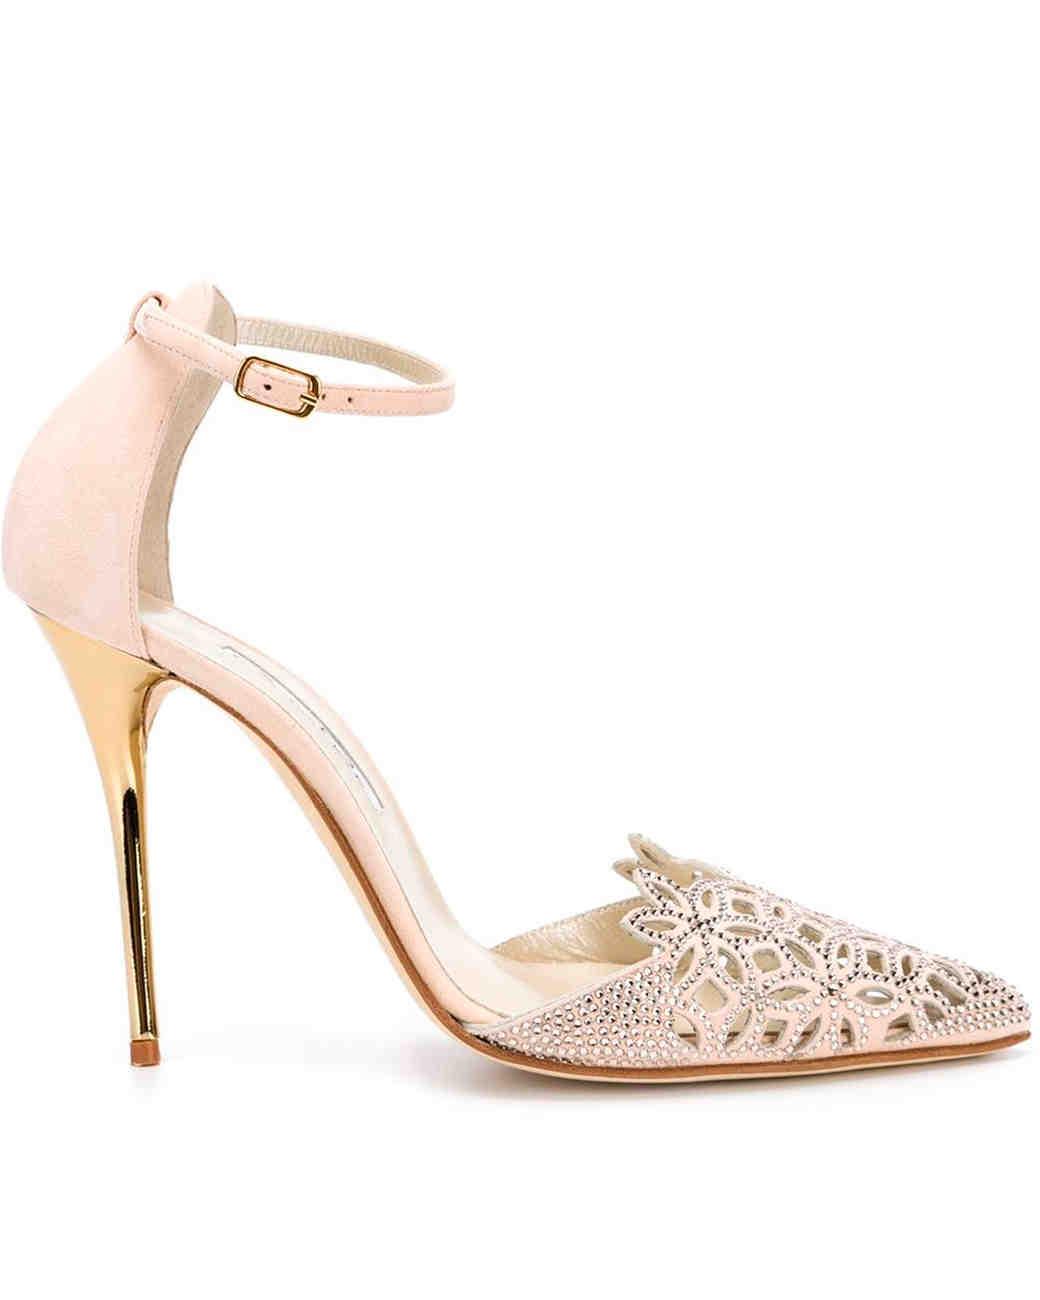 closed-toe-wedding-shoes-oscar-de-la-renta-farfetch-1215.jpg